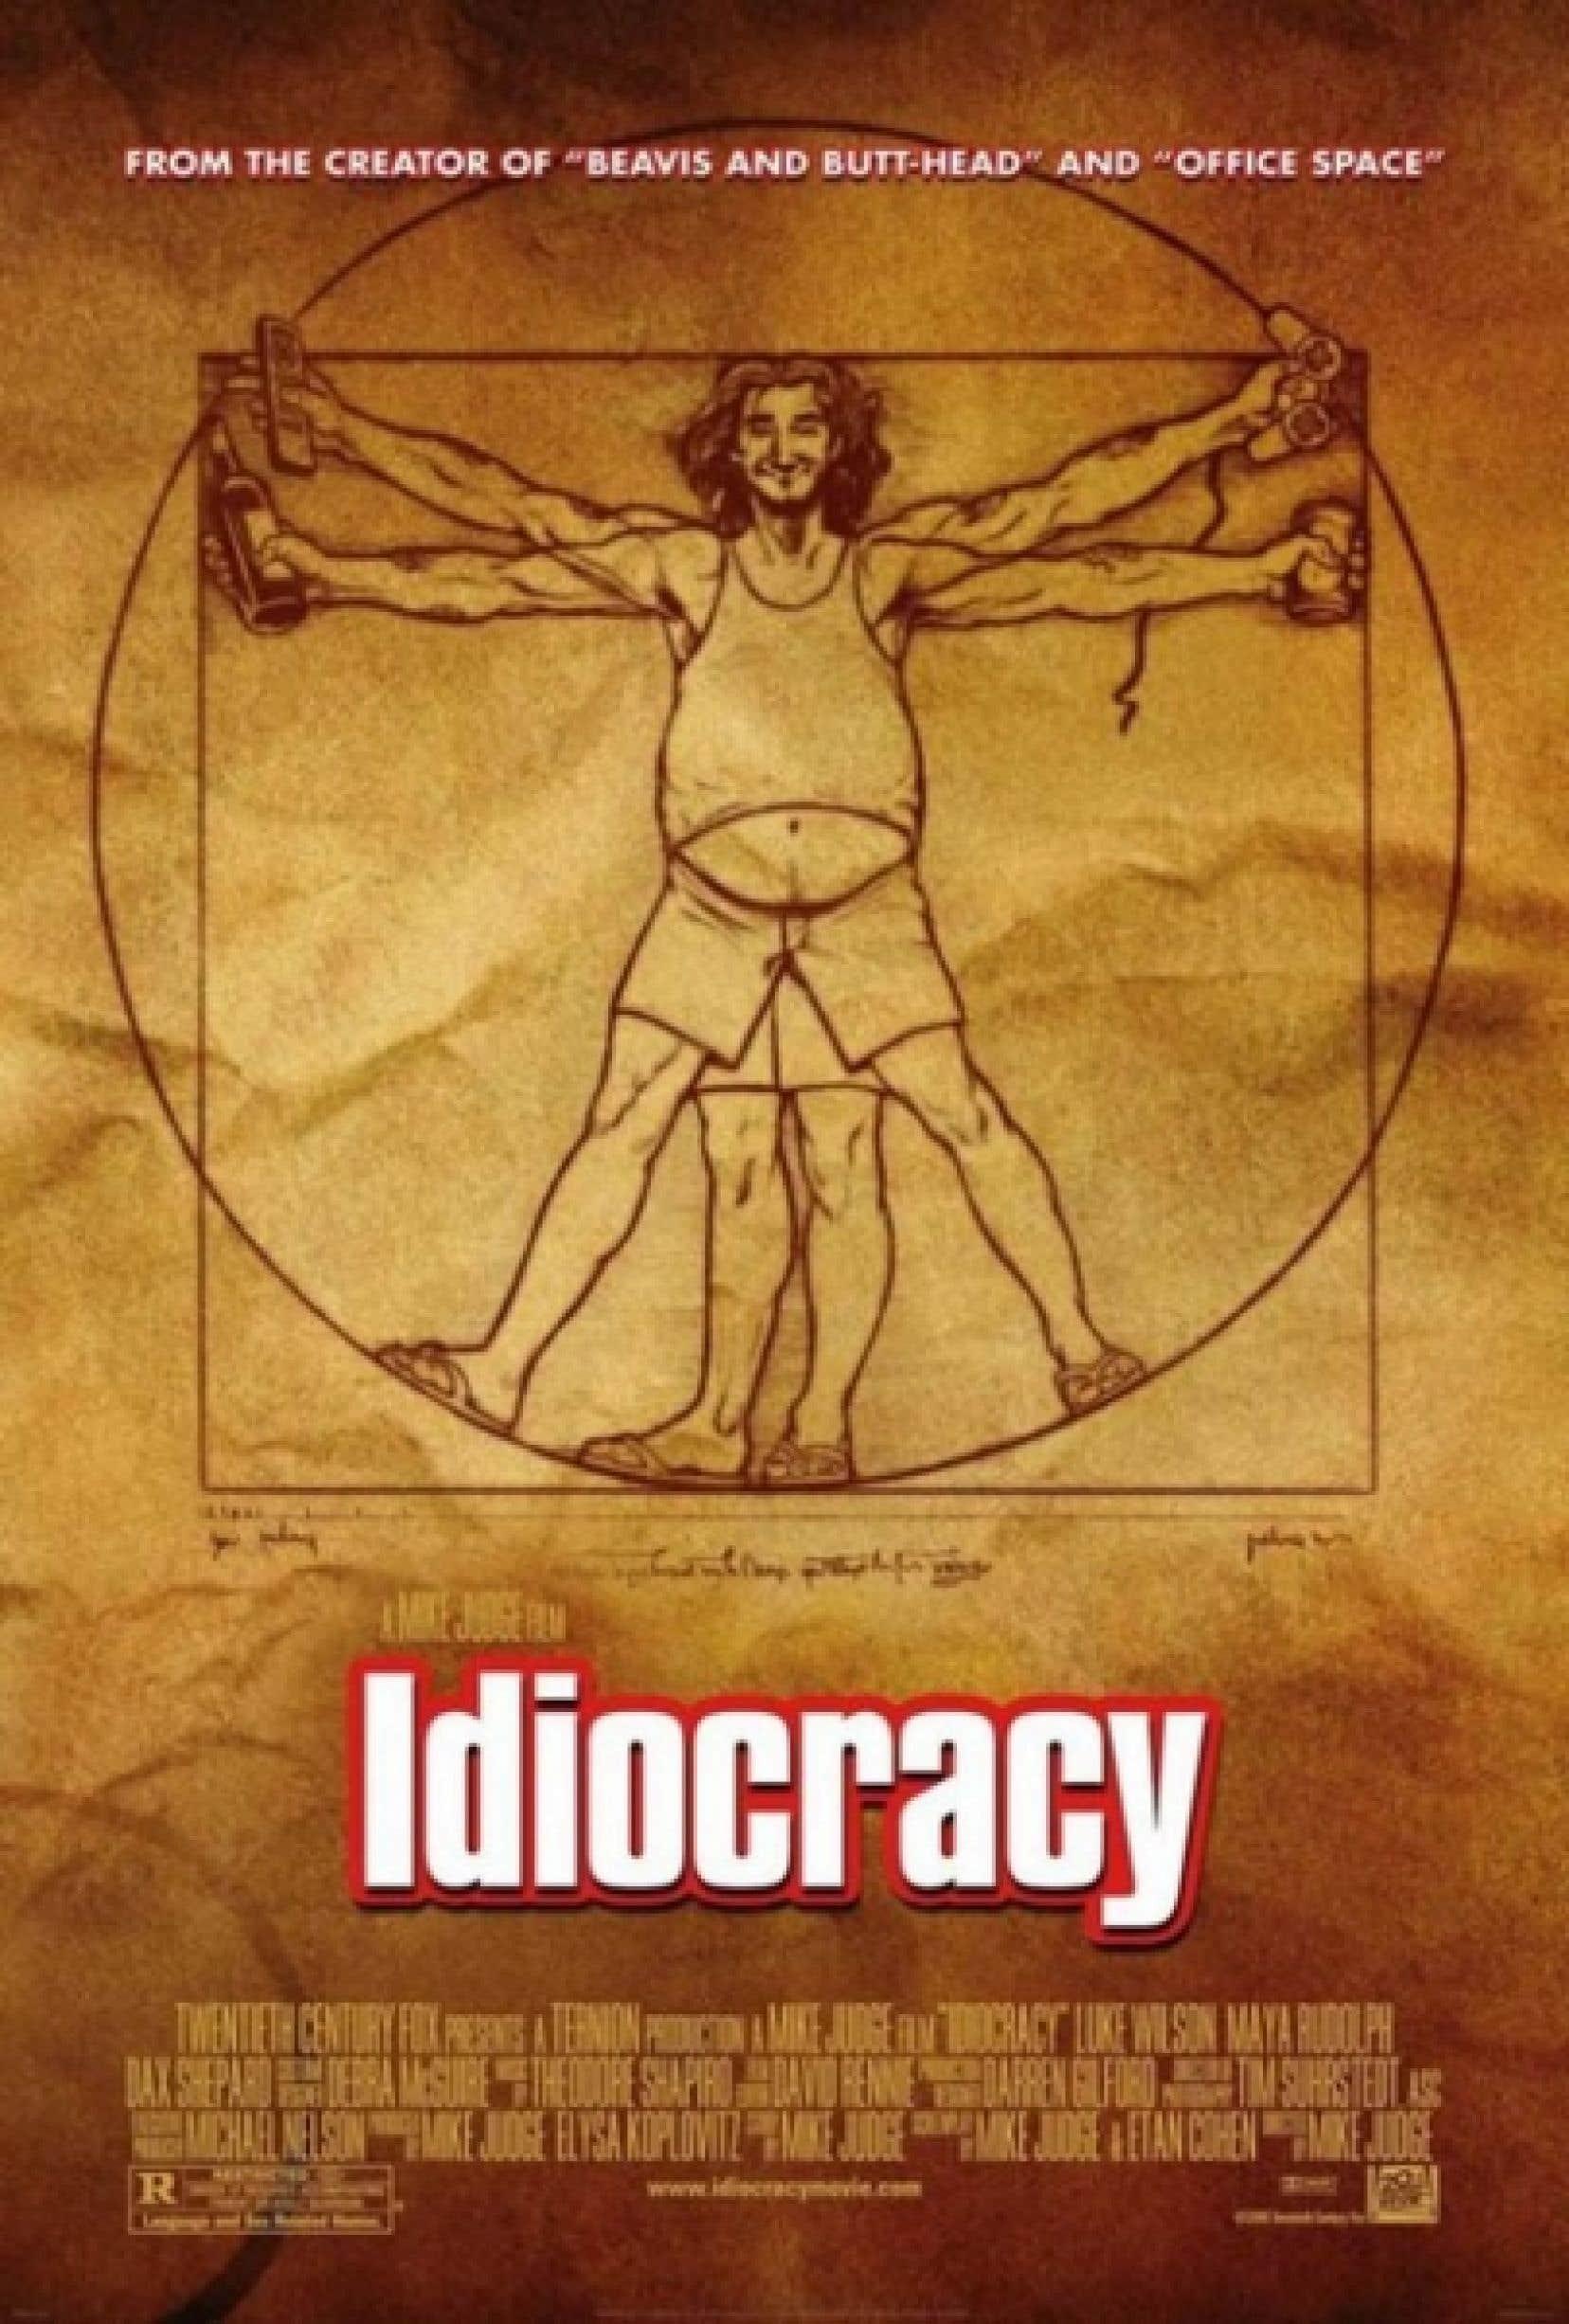 Avec son film Idiocracy, sorti en 2006, Mike Judge a donné des ailes au concept d'idiocratie qui nomme ces sociétés trop influencées par le vide, les jugements moraux à l'emporte-pièce et la censure qui en découle, au point d'en devenir aussi grotesques que dangereuses.<br />